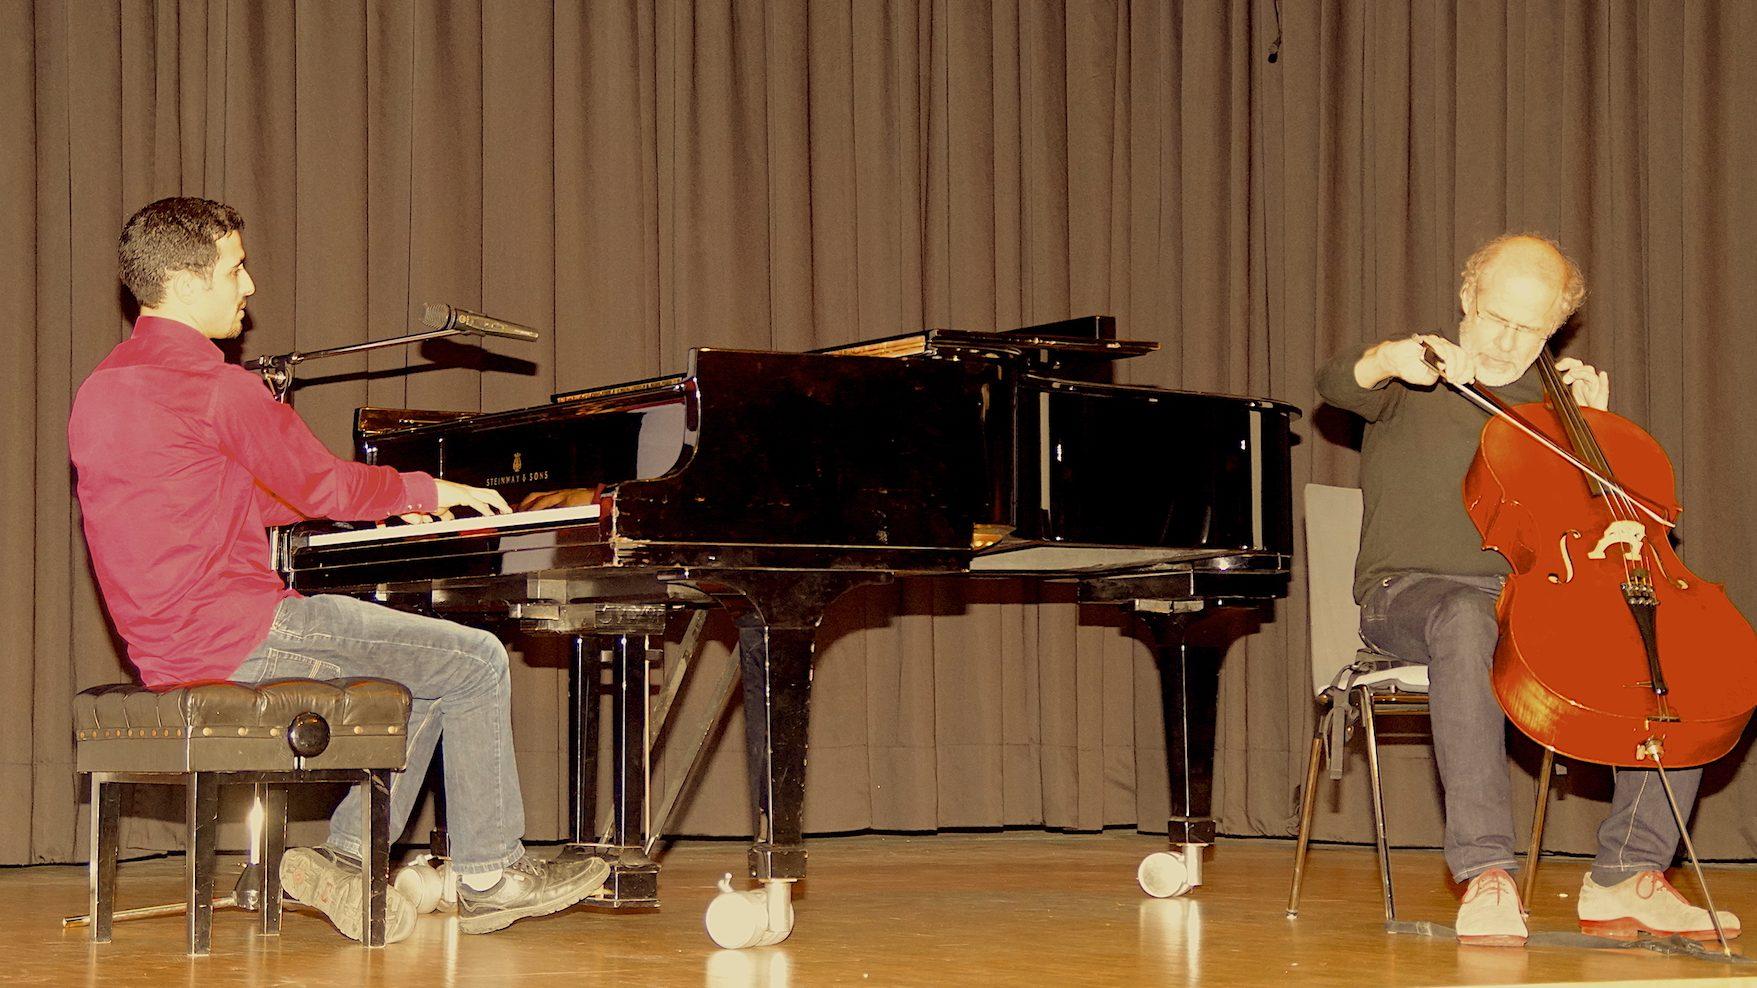 Am Klavier für die Völkerverständigung – Aeham Ahmad regte zum Nachdenken an